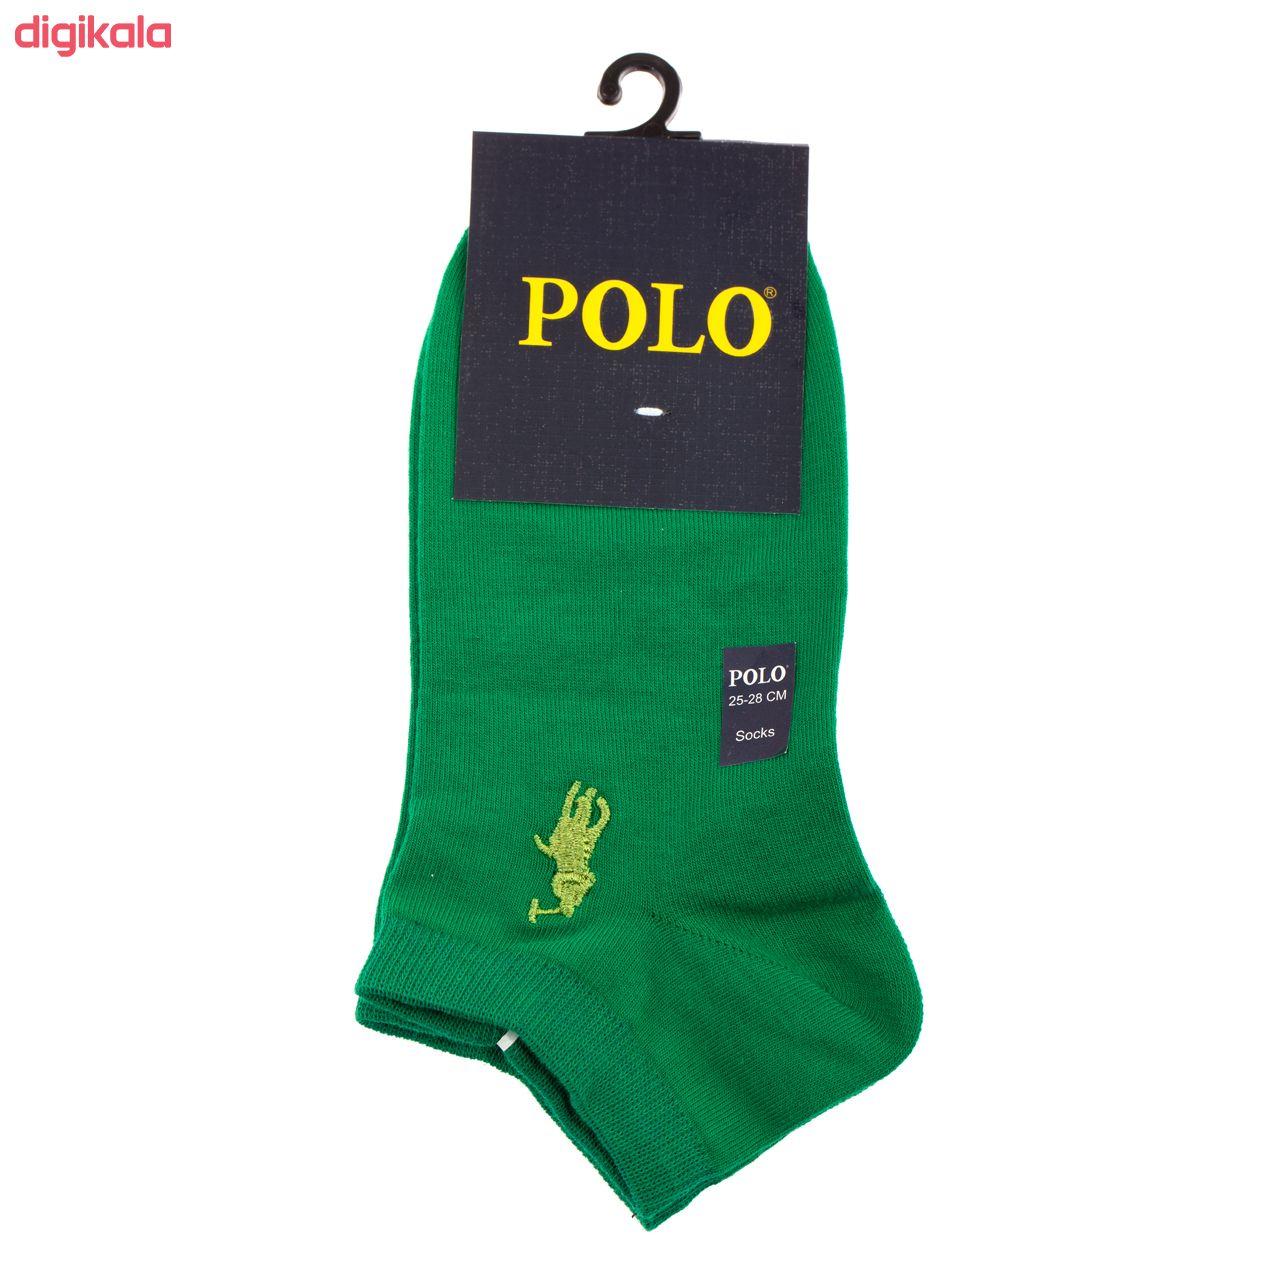 جوراب مردانه مدل P-2020 رنگ طوسی تیره main 1 1